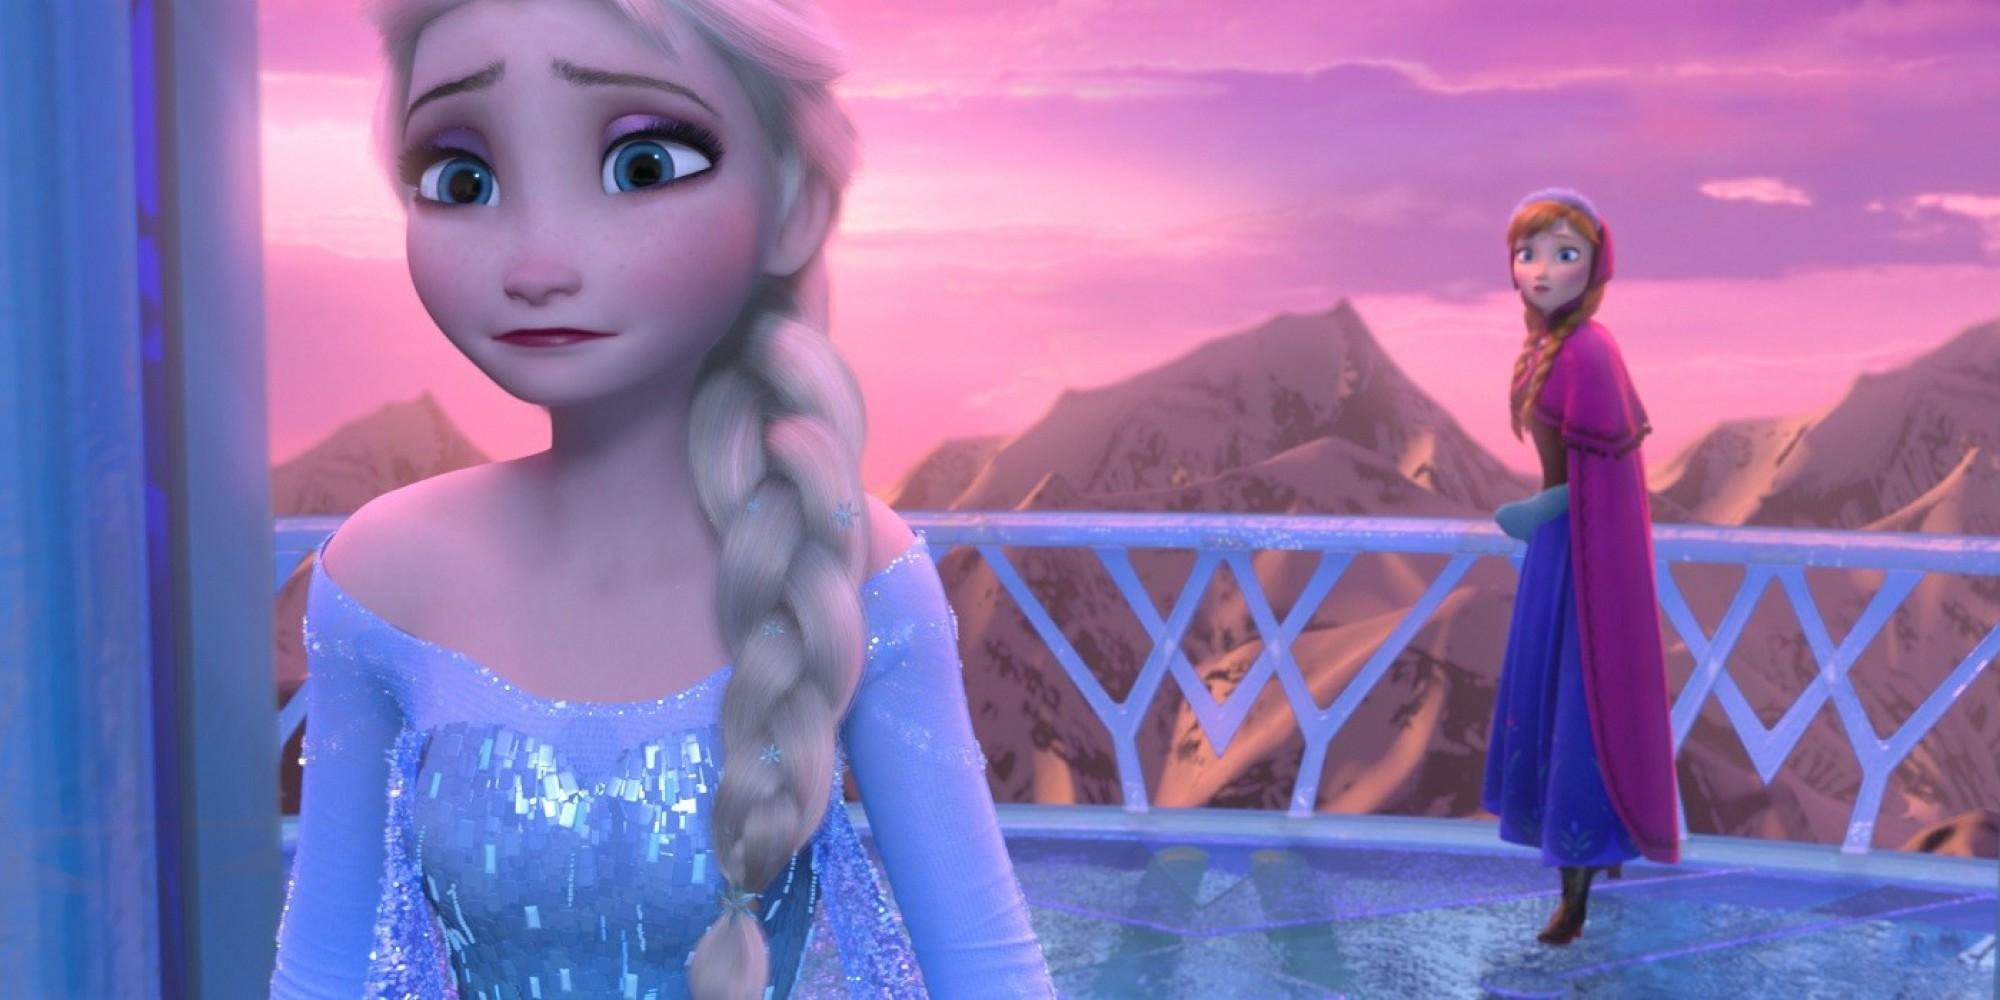 frozen 2 full movie online free download